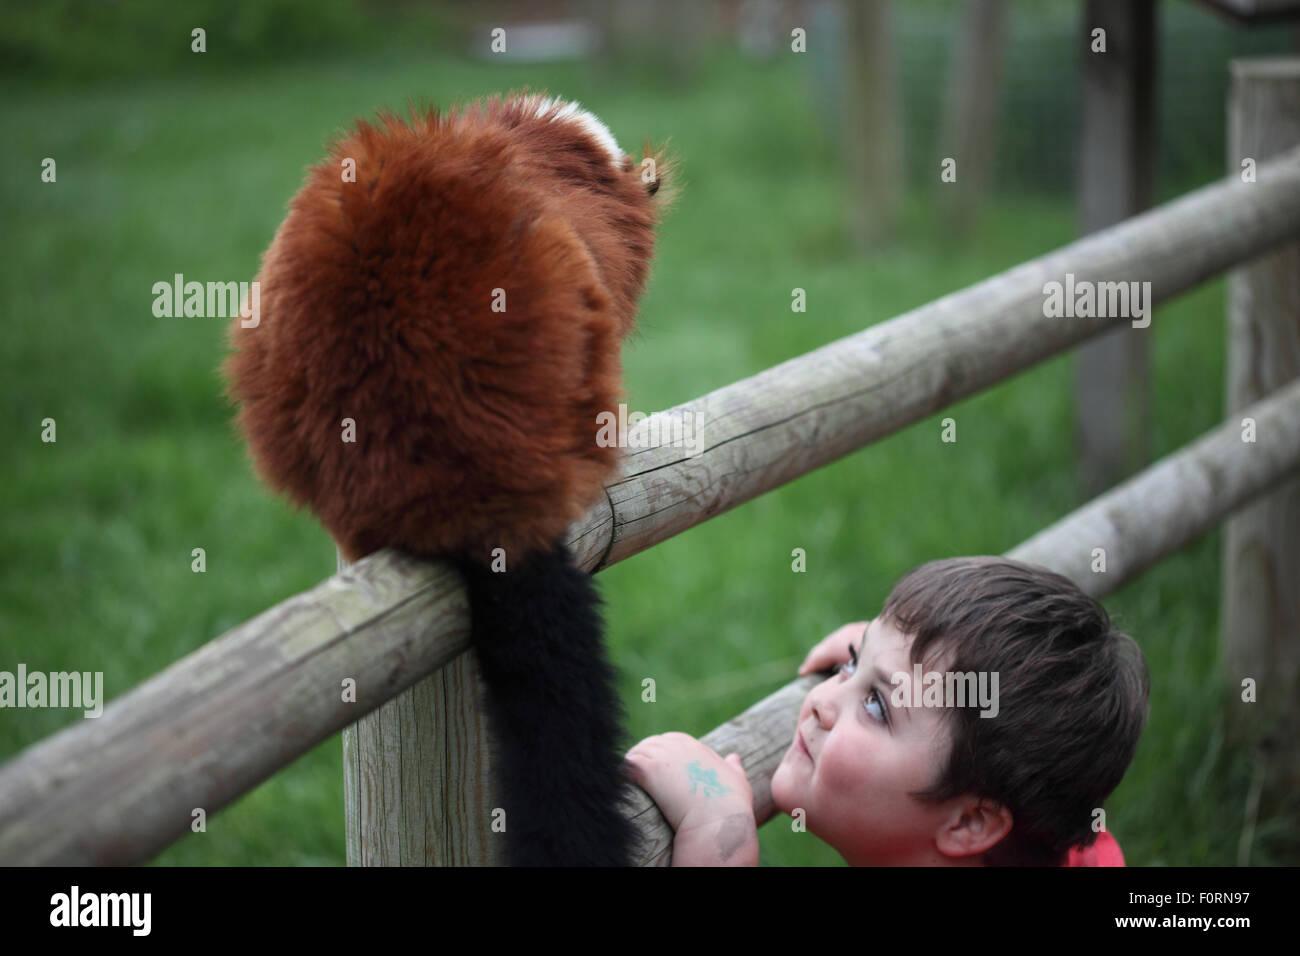 Small boy and Lemur at Banham Zoo - Stock Image